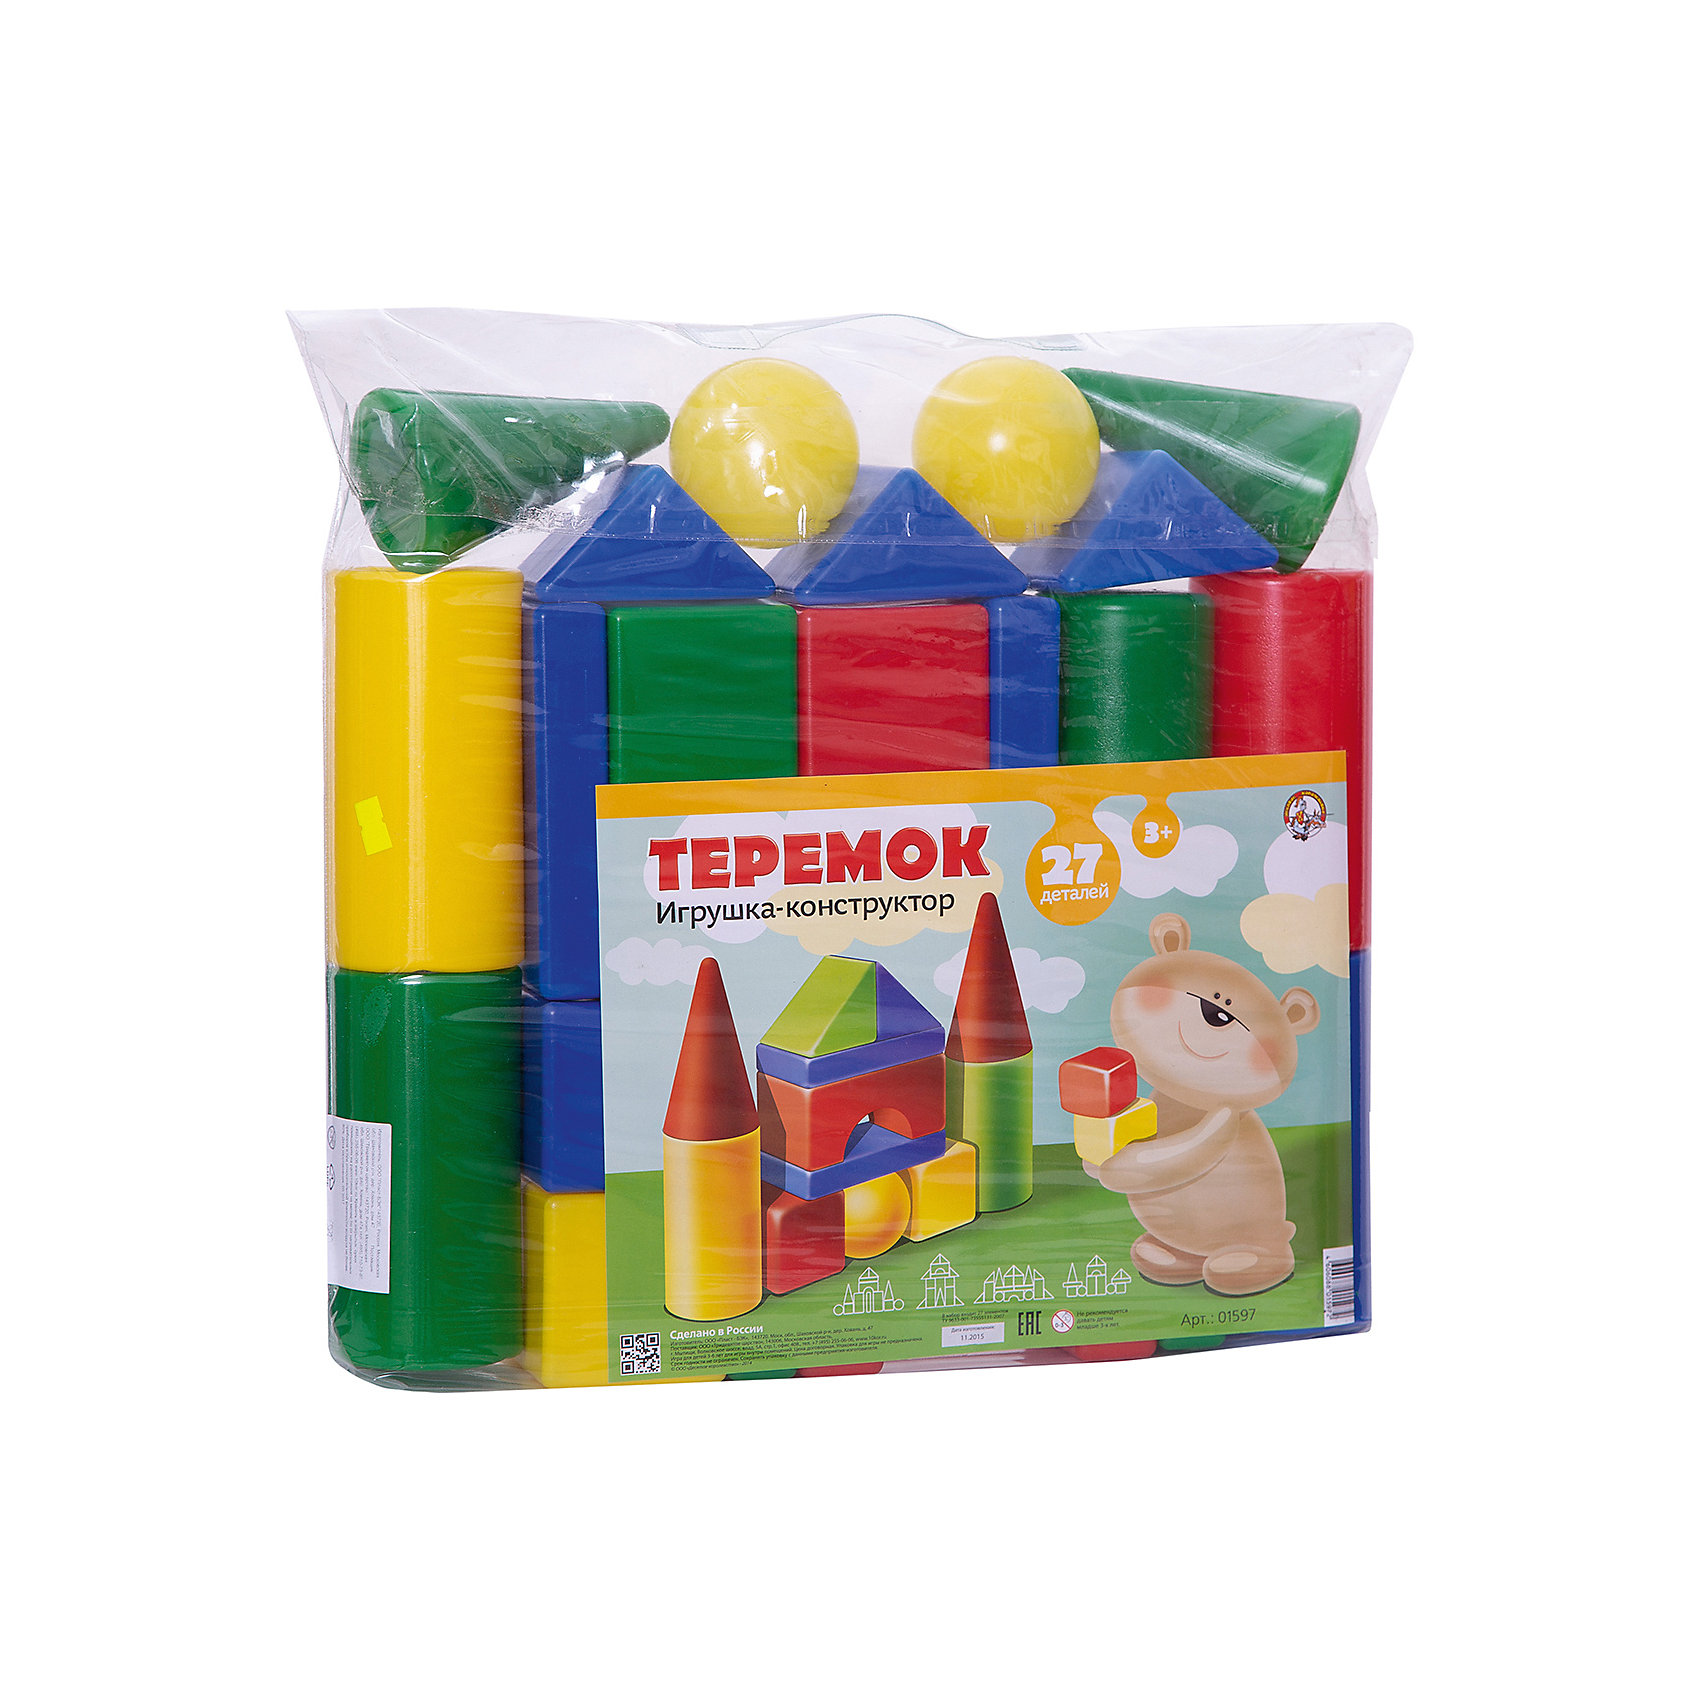 Набор Теремок, 27 элементов, Десятое королевствоКонструкторы для малышей<br>Характеристики:<br><br>• возраст: от 3 лет<br>• в наборе: кубик 4 шт. (8х8 см), большой цилиндр 4 шт. (?8х16 см), малый цилиндр 2 шт. (?8х8 см), конус 2 шт. (?8х13 см), треугольная призма 7 шт.(8х8 см), прямоугольная призма 4 шт. (16х8х3 см), шар 2 шт. (?8 см), арка 2 шт. (16х8х8 см)<br>• количество элементов: 27<br>• материал: выдувная пластмасса<br>• упаковка: сумка ПВХ<br>• размер упаковки: 50х43х8 см.<br>• вес: 880 гр.<br><br>Конструктор «Теремок» от российского производителя Десятое королевство предназначен для детей дошкольного возраста. Он состоит из ярких цветных фигур различной формы. Из элементов конструктора малыш сможет построить самый настоящий сказочный теремок с крышей и башенками, а также — множество других сооружений. <br><br>Все элементы изготовлены из прочного и безопасного пластика. Внутри они полые, поэтому легкие и подходят даже для самых маленьких строителей. Конструктор упакован в прозрачную сумку. Игра с конструктором развивает у детей мелкую моторику, логическое мышление, цветовое восприятие.<br><br>Набор Теремок, 27 элементов, Десятое королевство можно купить в нашем интернет-магазине.<br><br>Ширина мм: 430<br>Глубина мм: 500<br>Высота мм: 80<br>Вес г: 880<br>Возраст от месяцев: 36<br>Возраст до месяцев: 2147483647<br>Пол: Унисекс<br>Возраст: Детский<br>SKU: 6723921